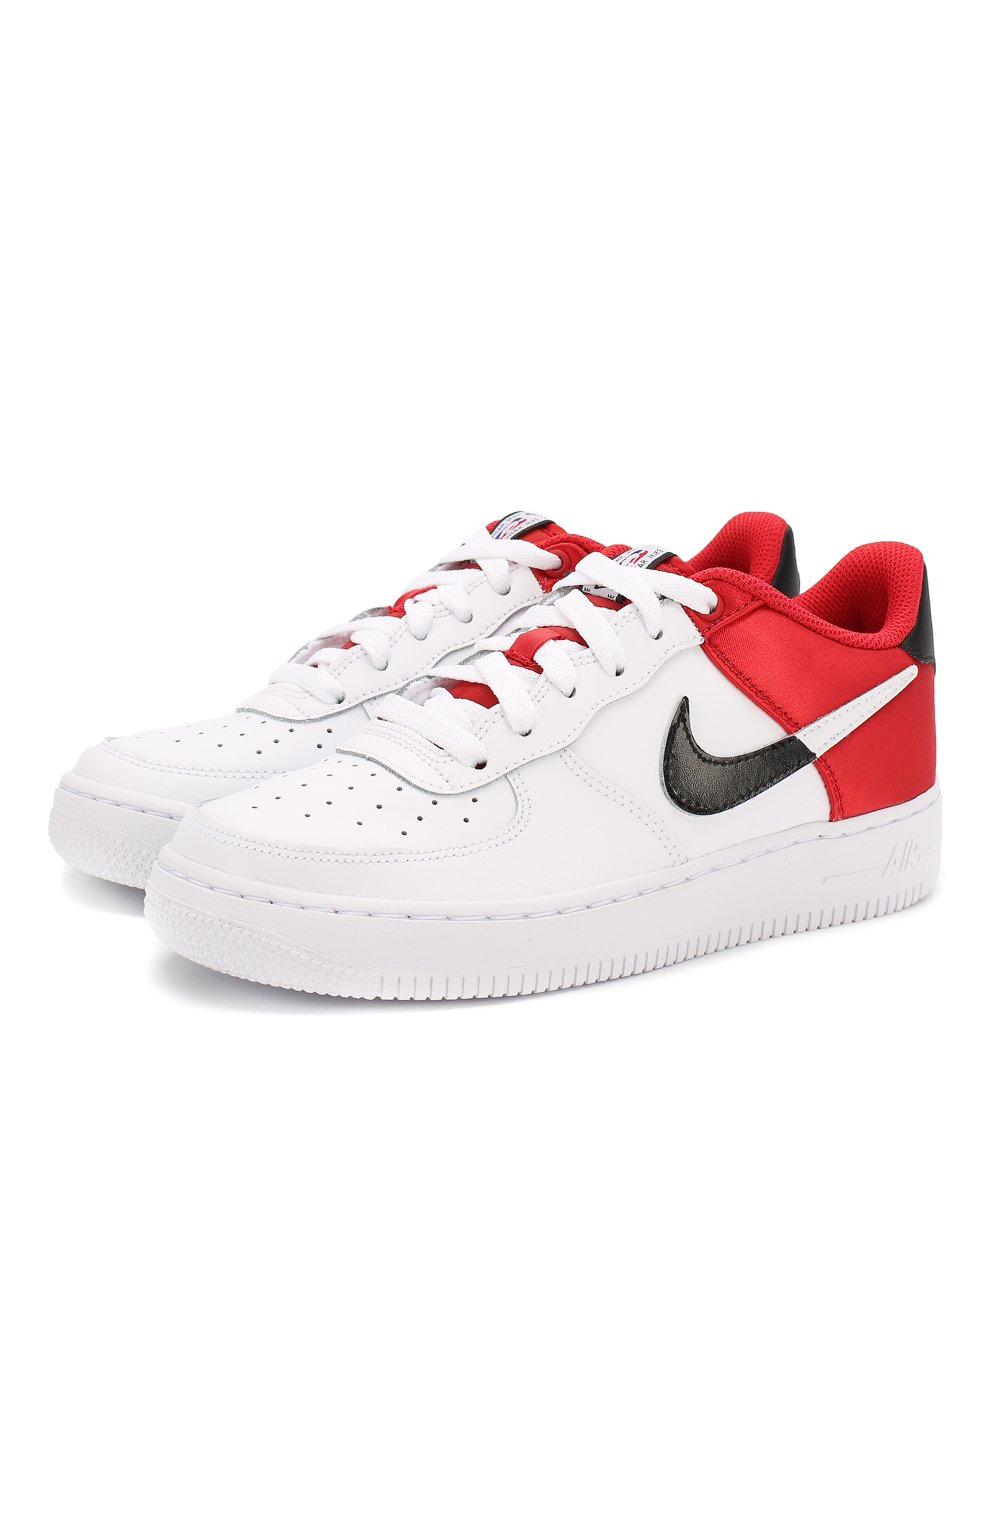 Кеды Nike Air Force 1 NBA Low NIKE белого цвета — купить за 6370 руб. в интернет-магазине ЦУМ, арт. CK0502-600